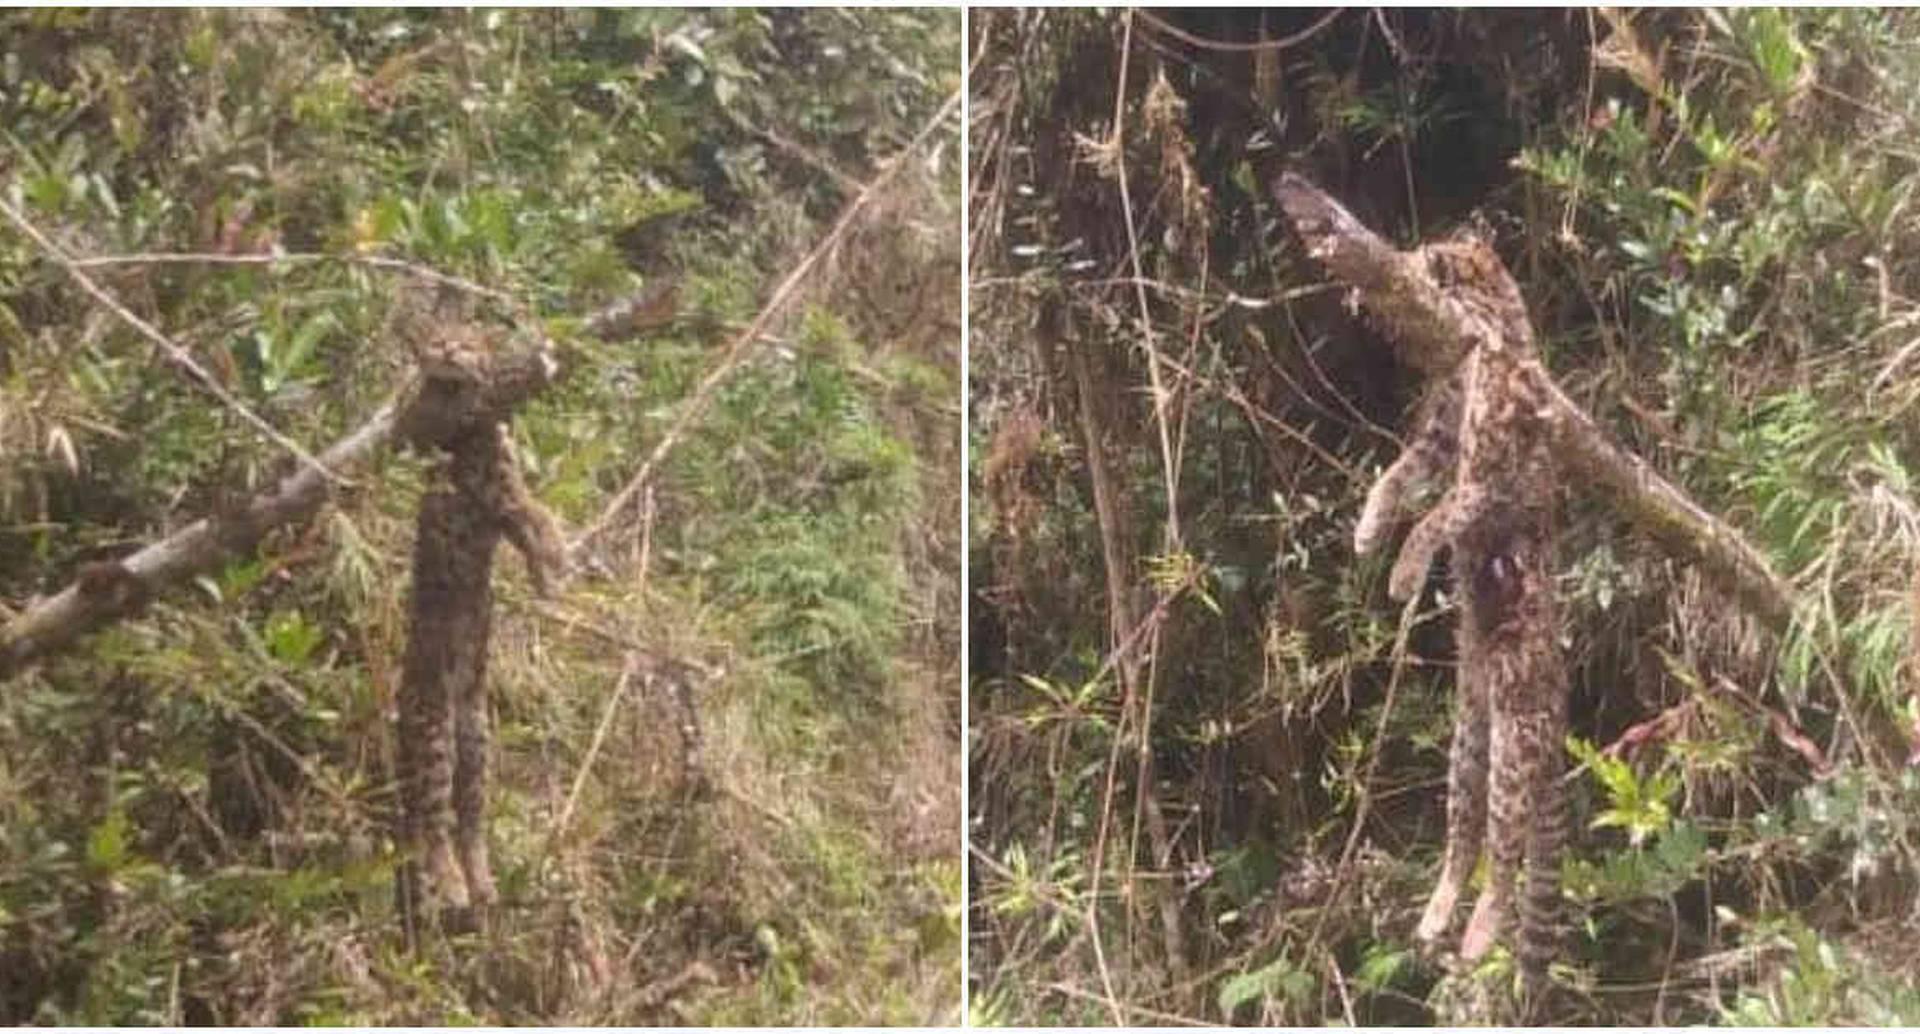 Vecinos del sector atribuyen el hecho a cazadores furtivos. Foto: CAR Cundinamarca.